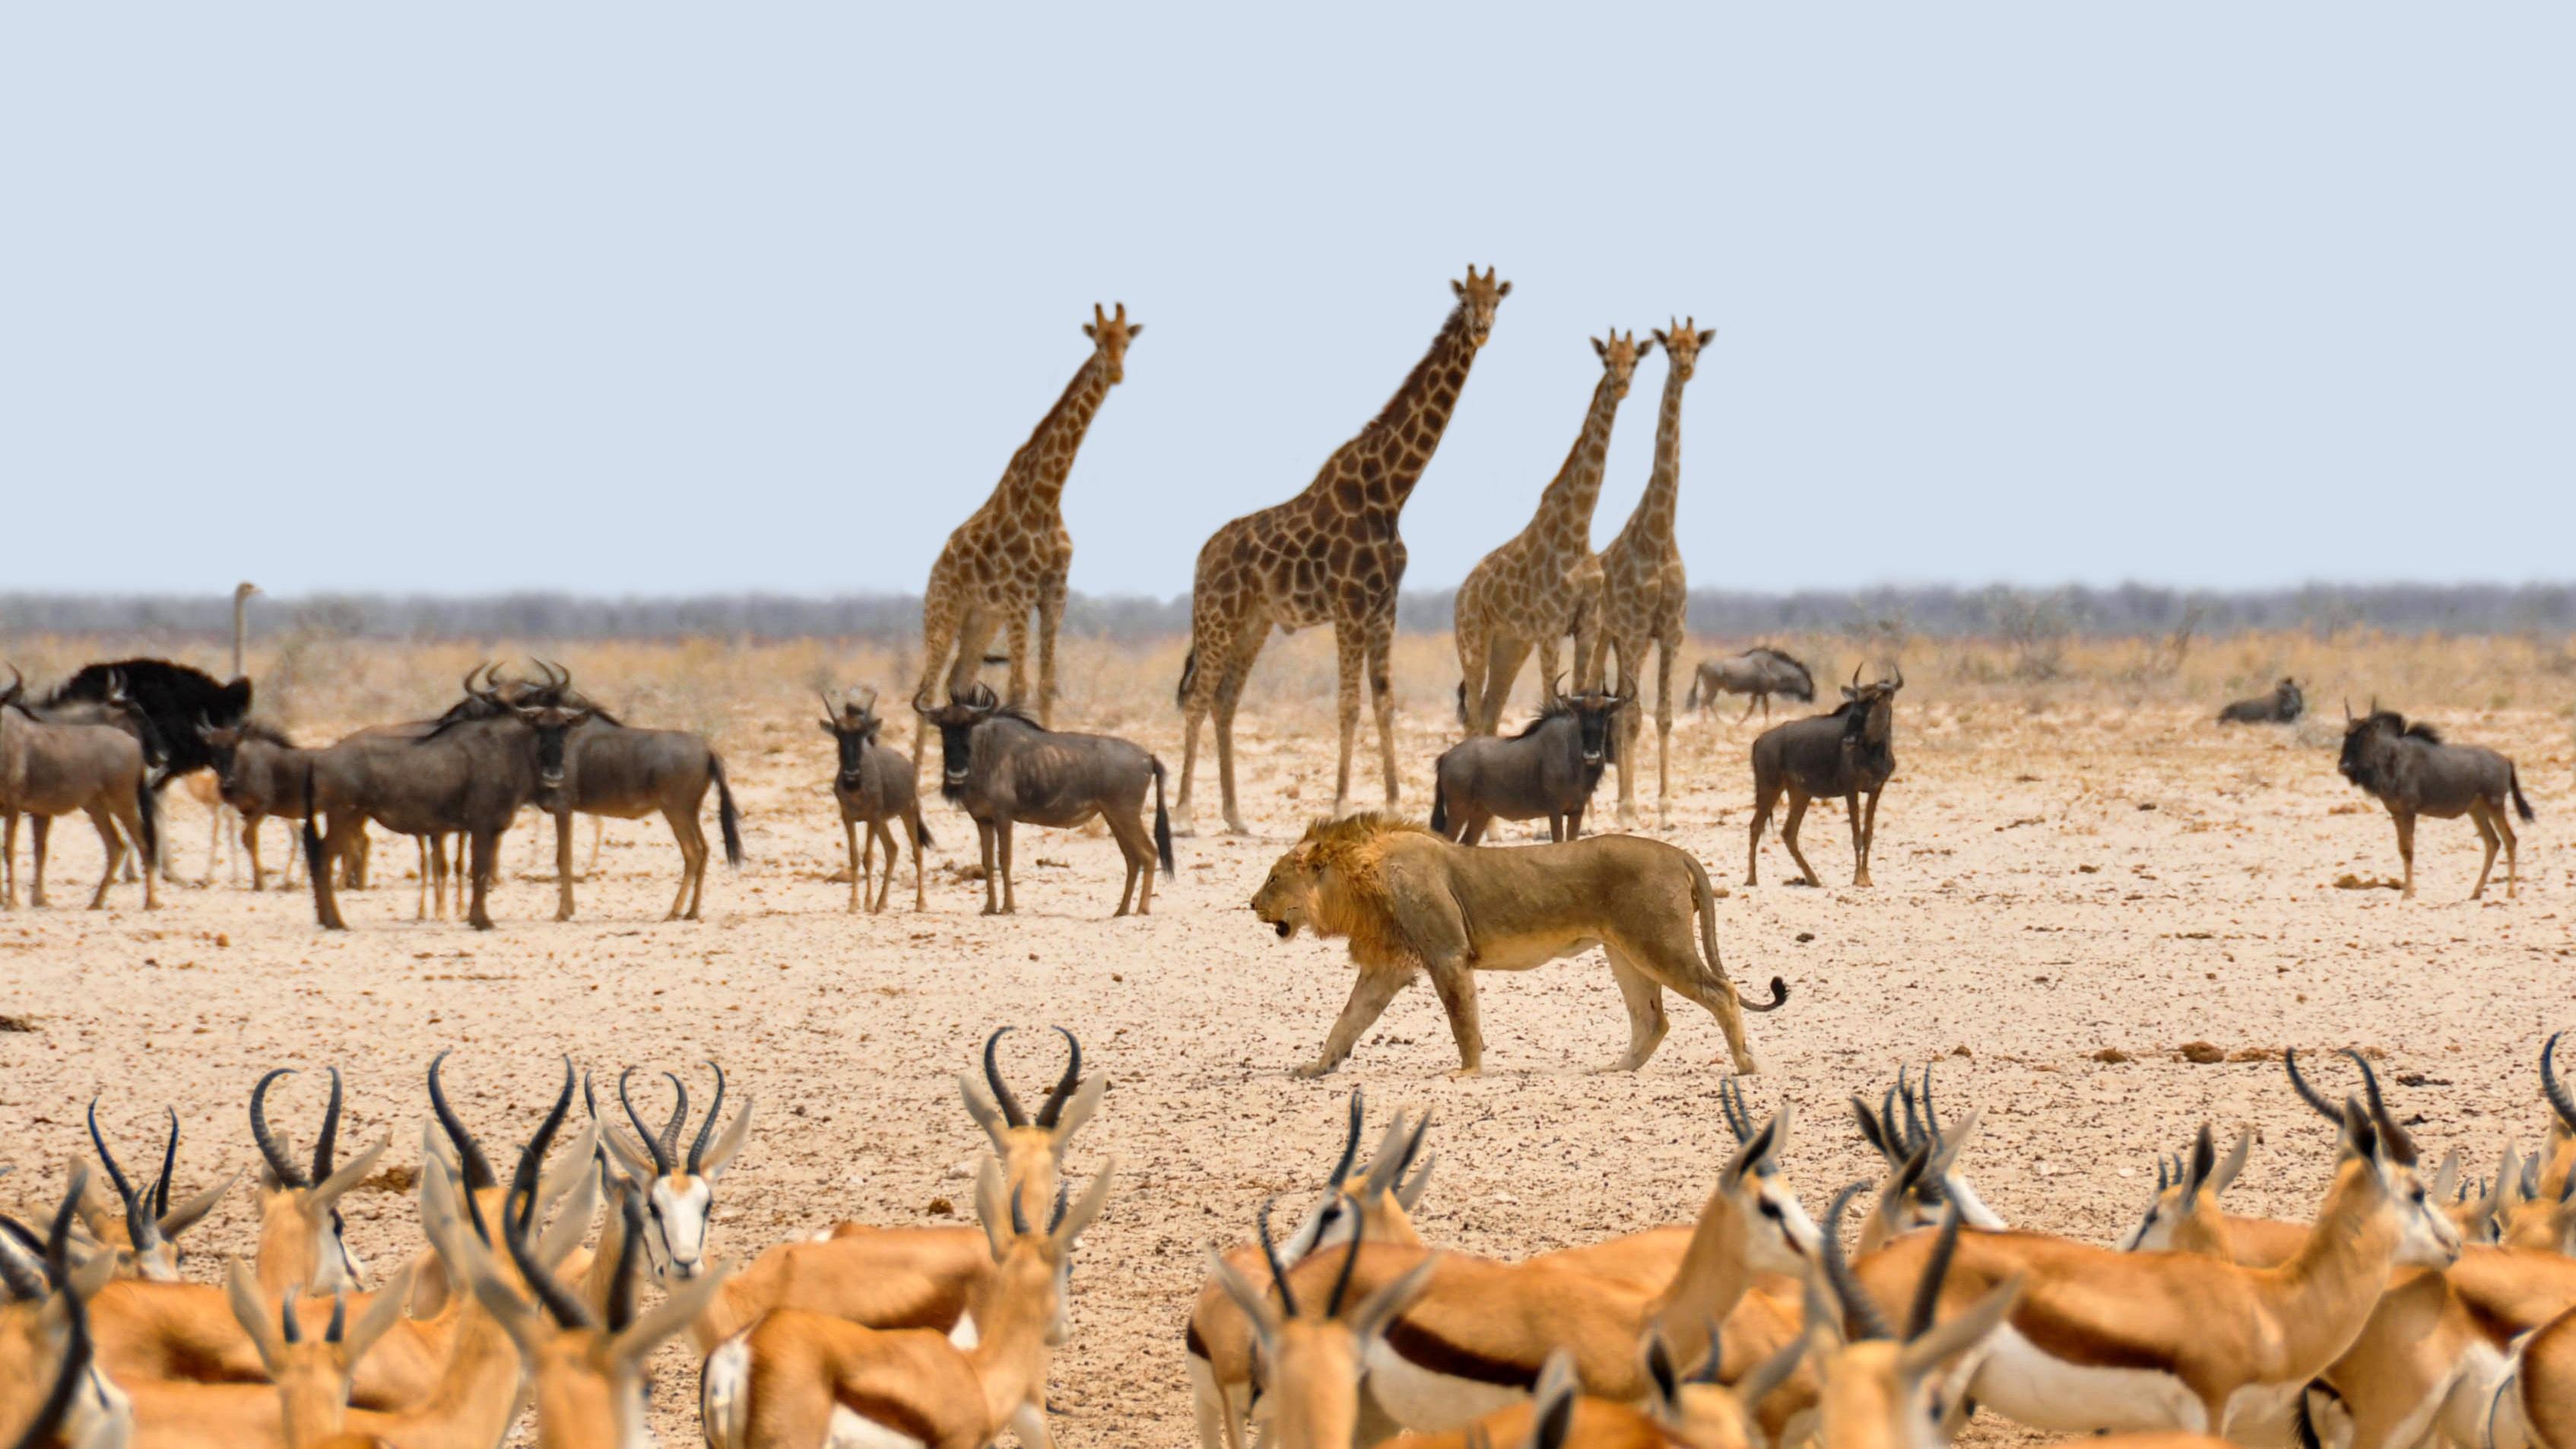 Thirsty Giraffes, Etosha National Park, Namibia  № 1442780 загрузить